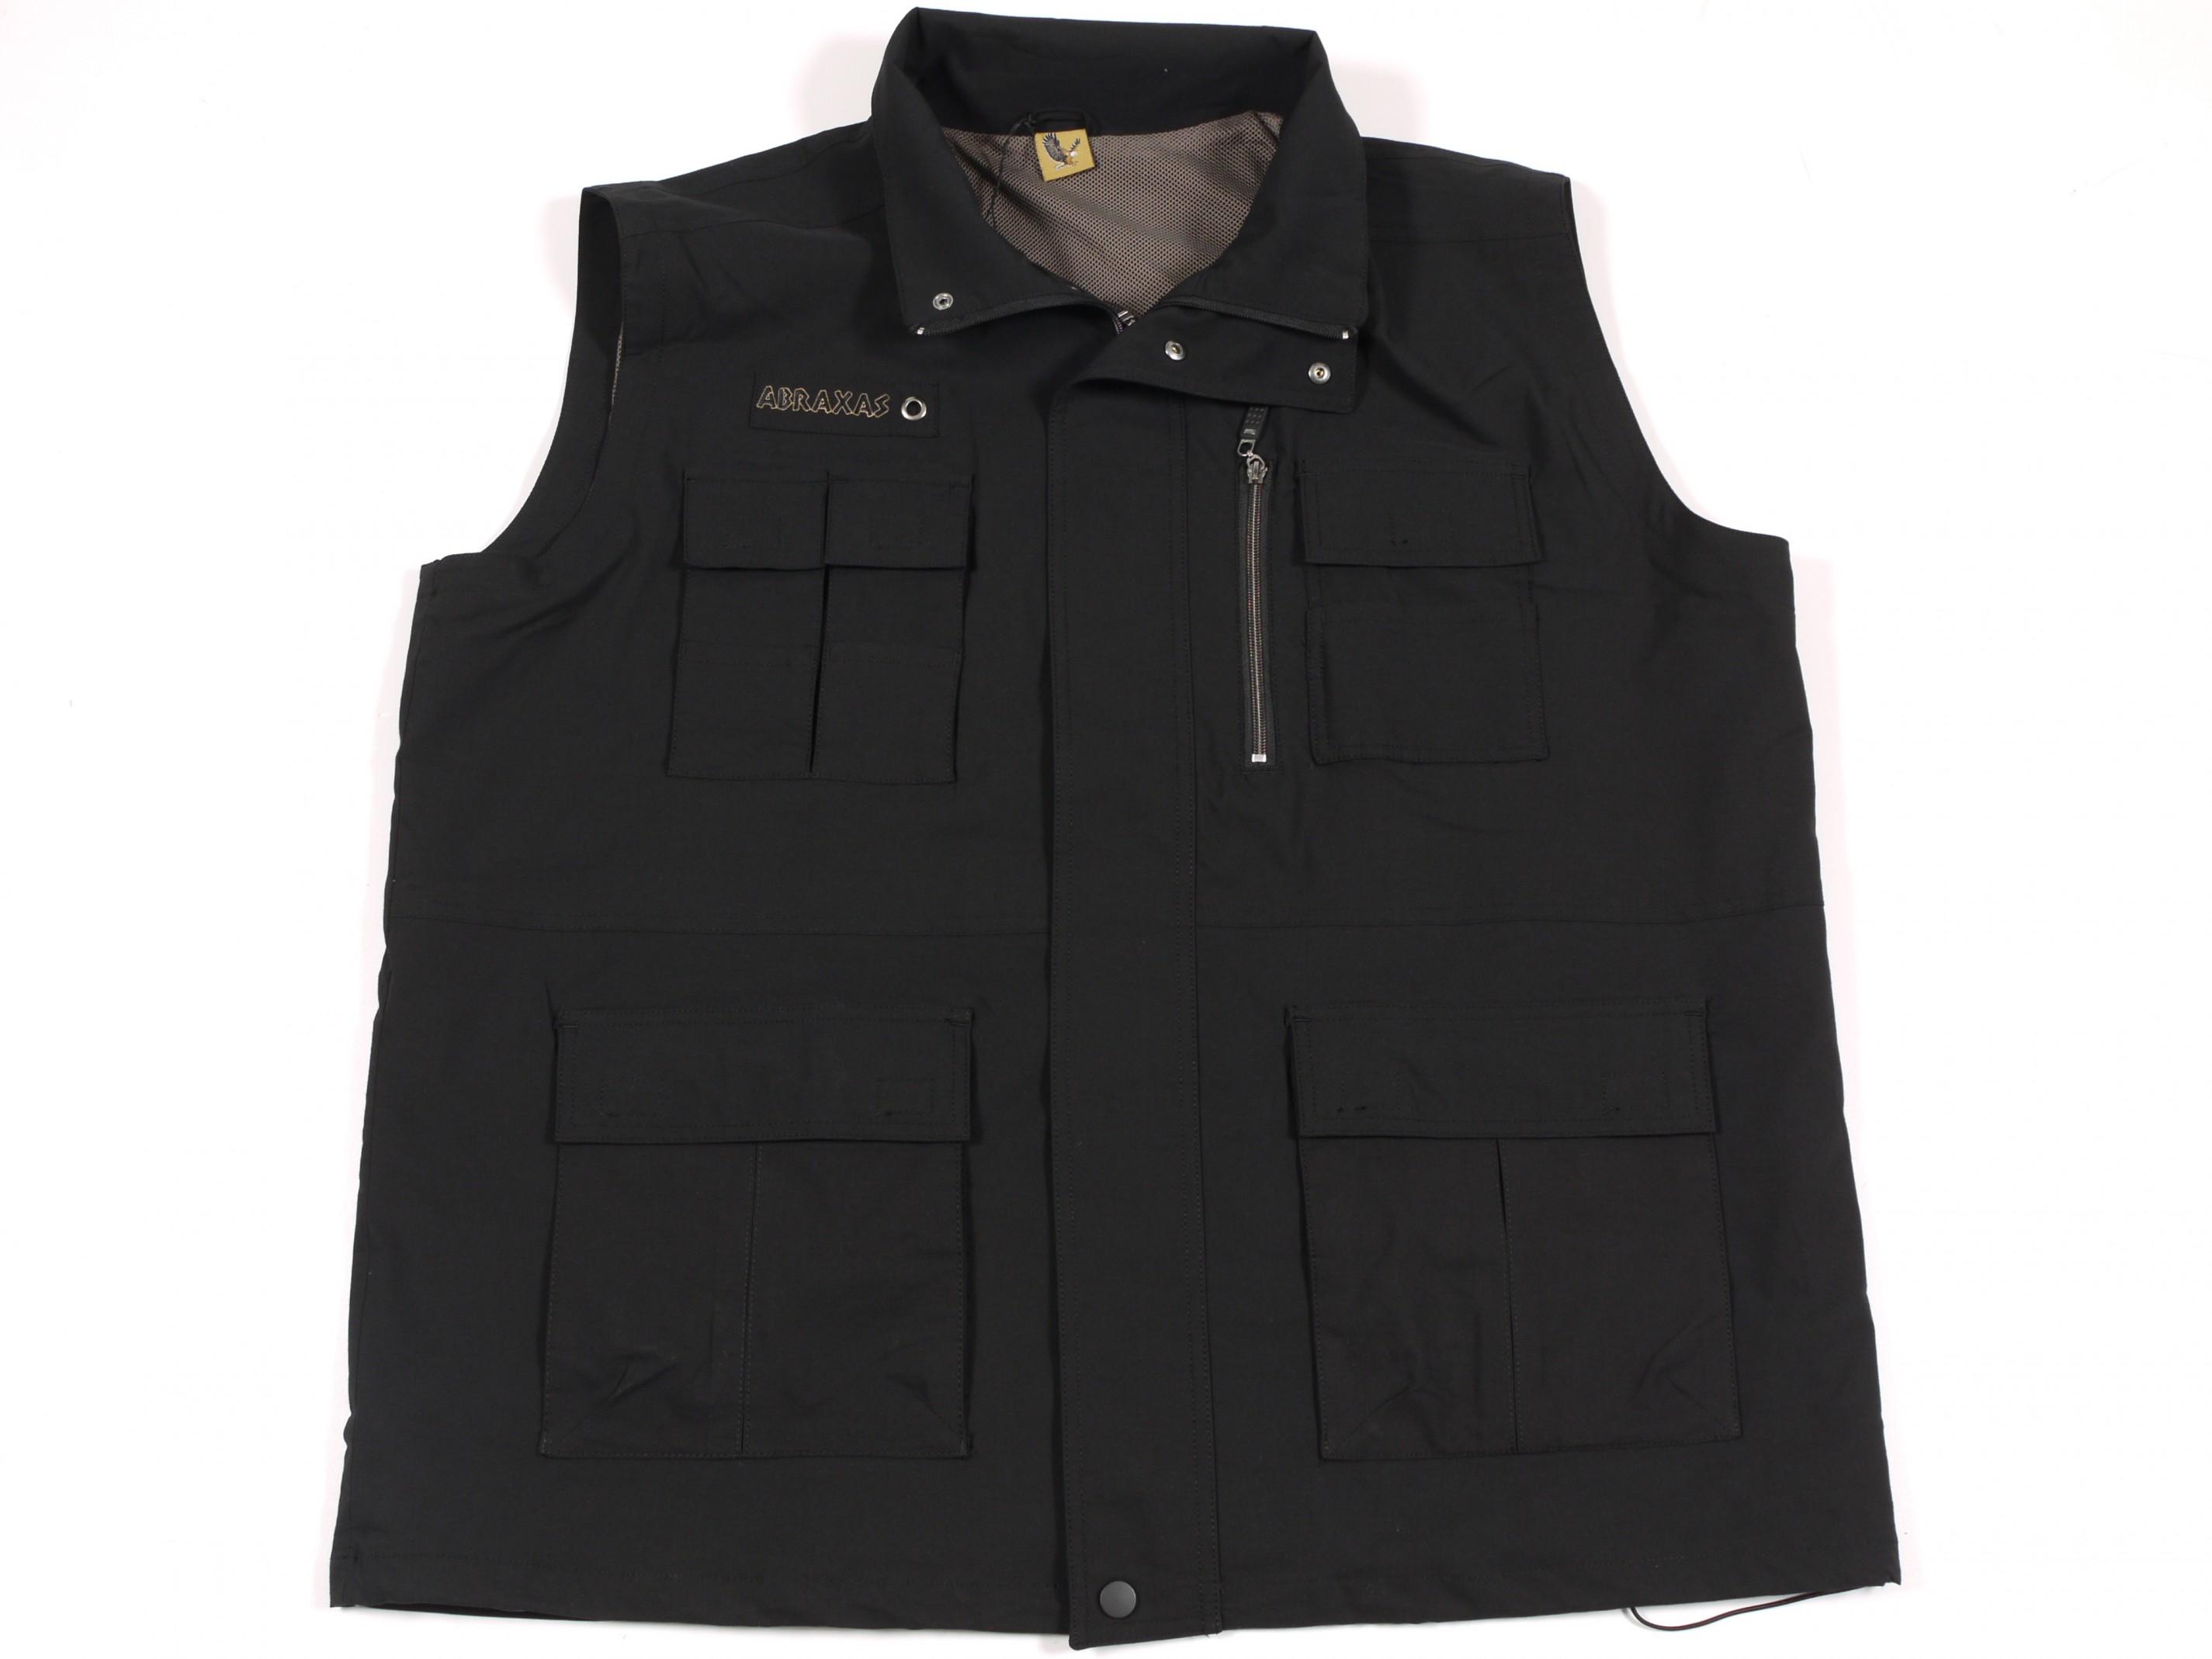 buy online 7d17f 360d2 Outdoor-Weste von Abraxas in Herren - Übergröße, schwarz